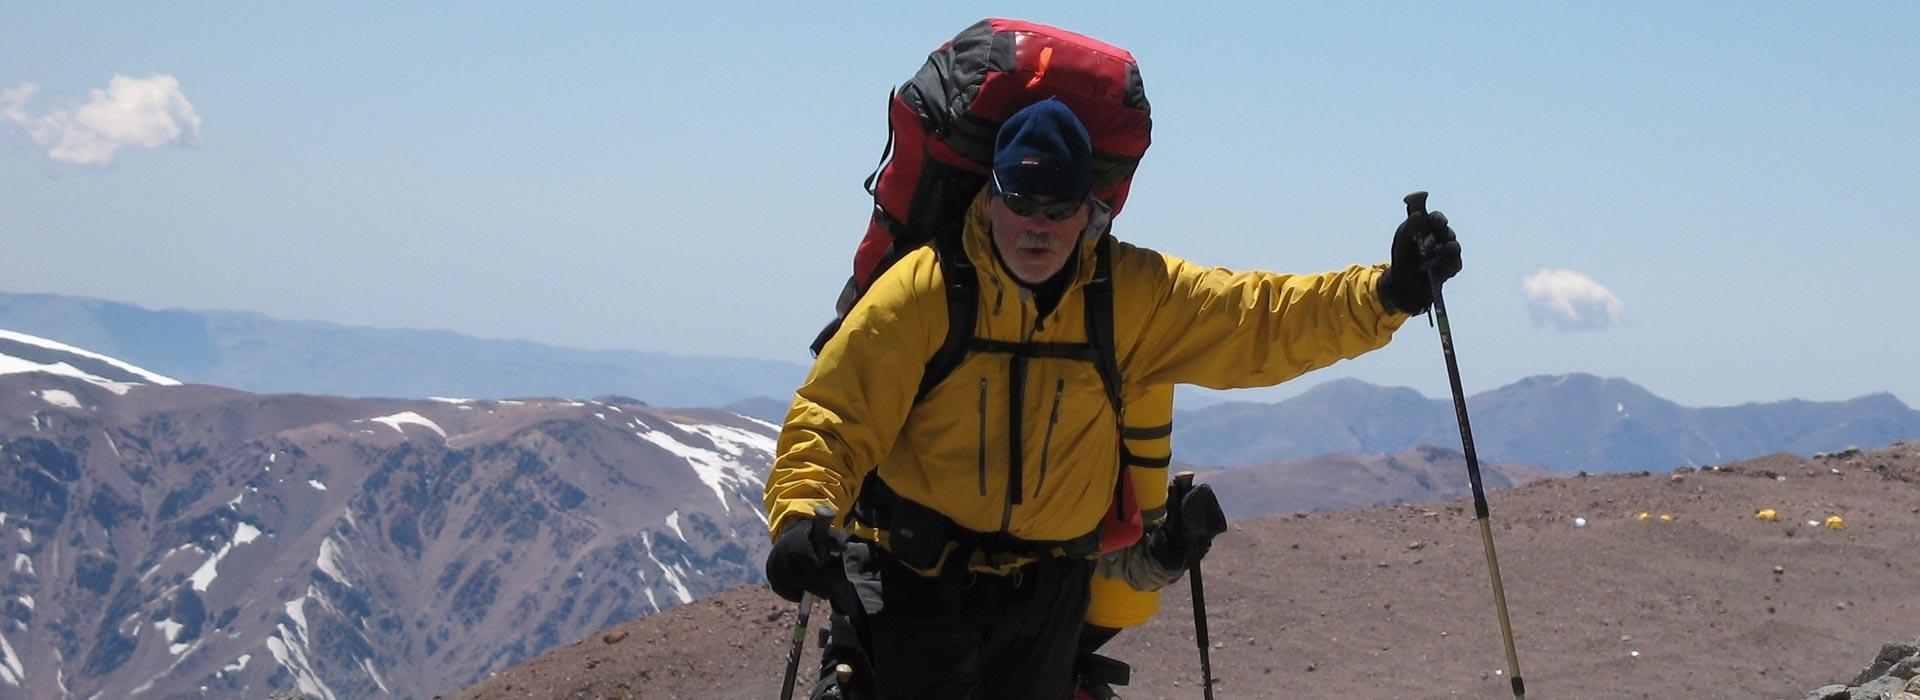 Climbing Gear List